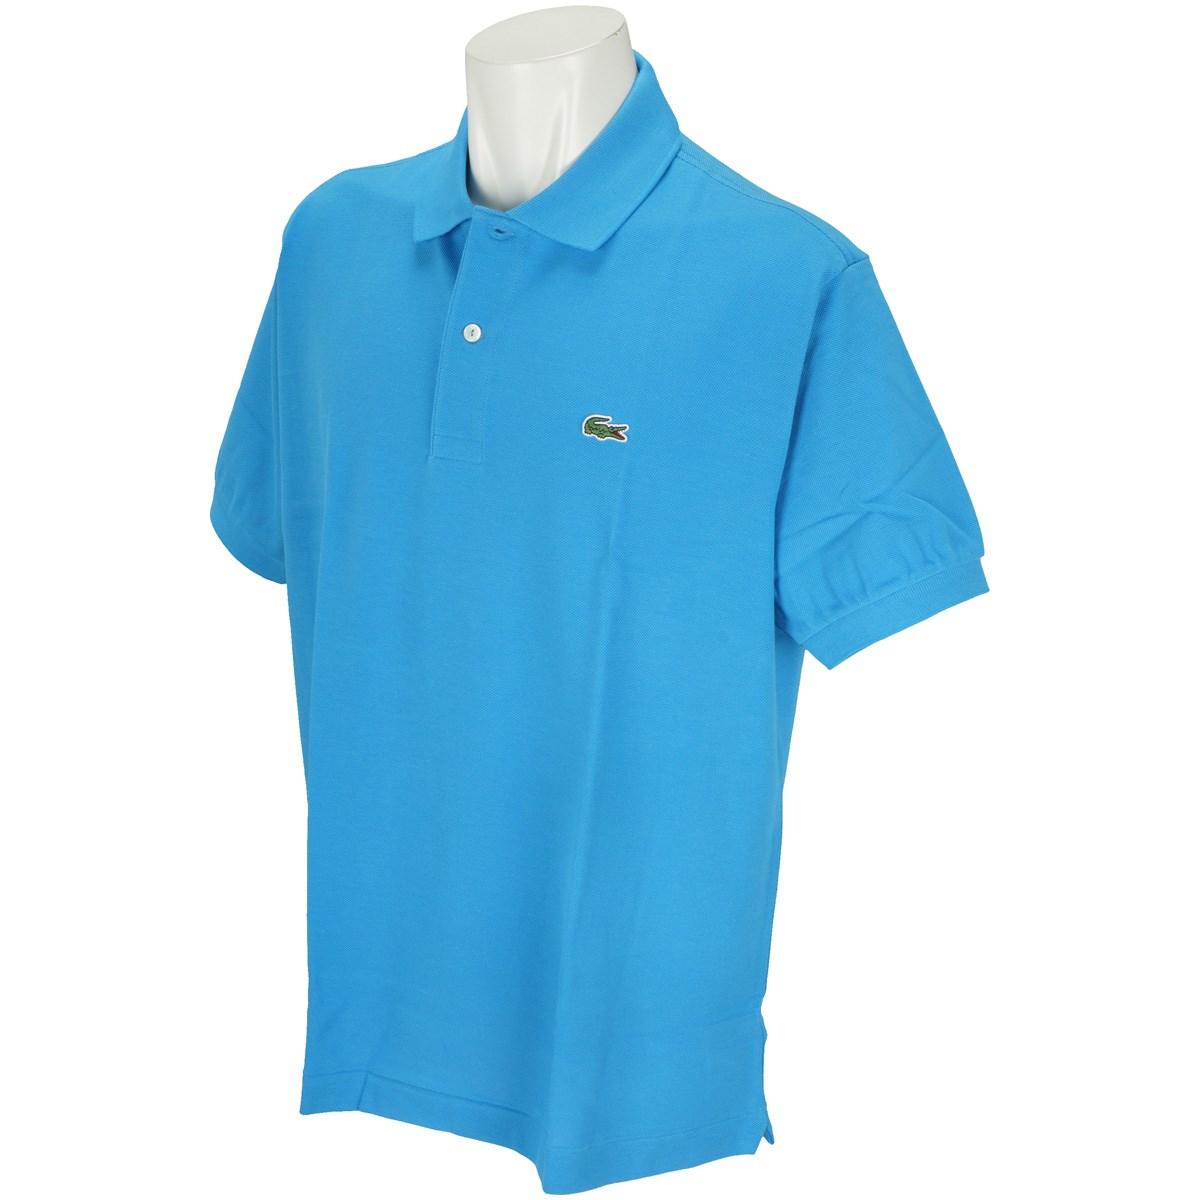 ラコステ L.12.12 半袖ポロシャツ